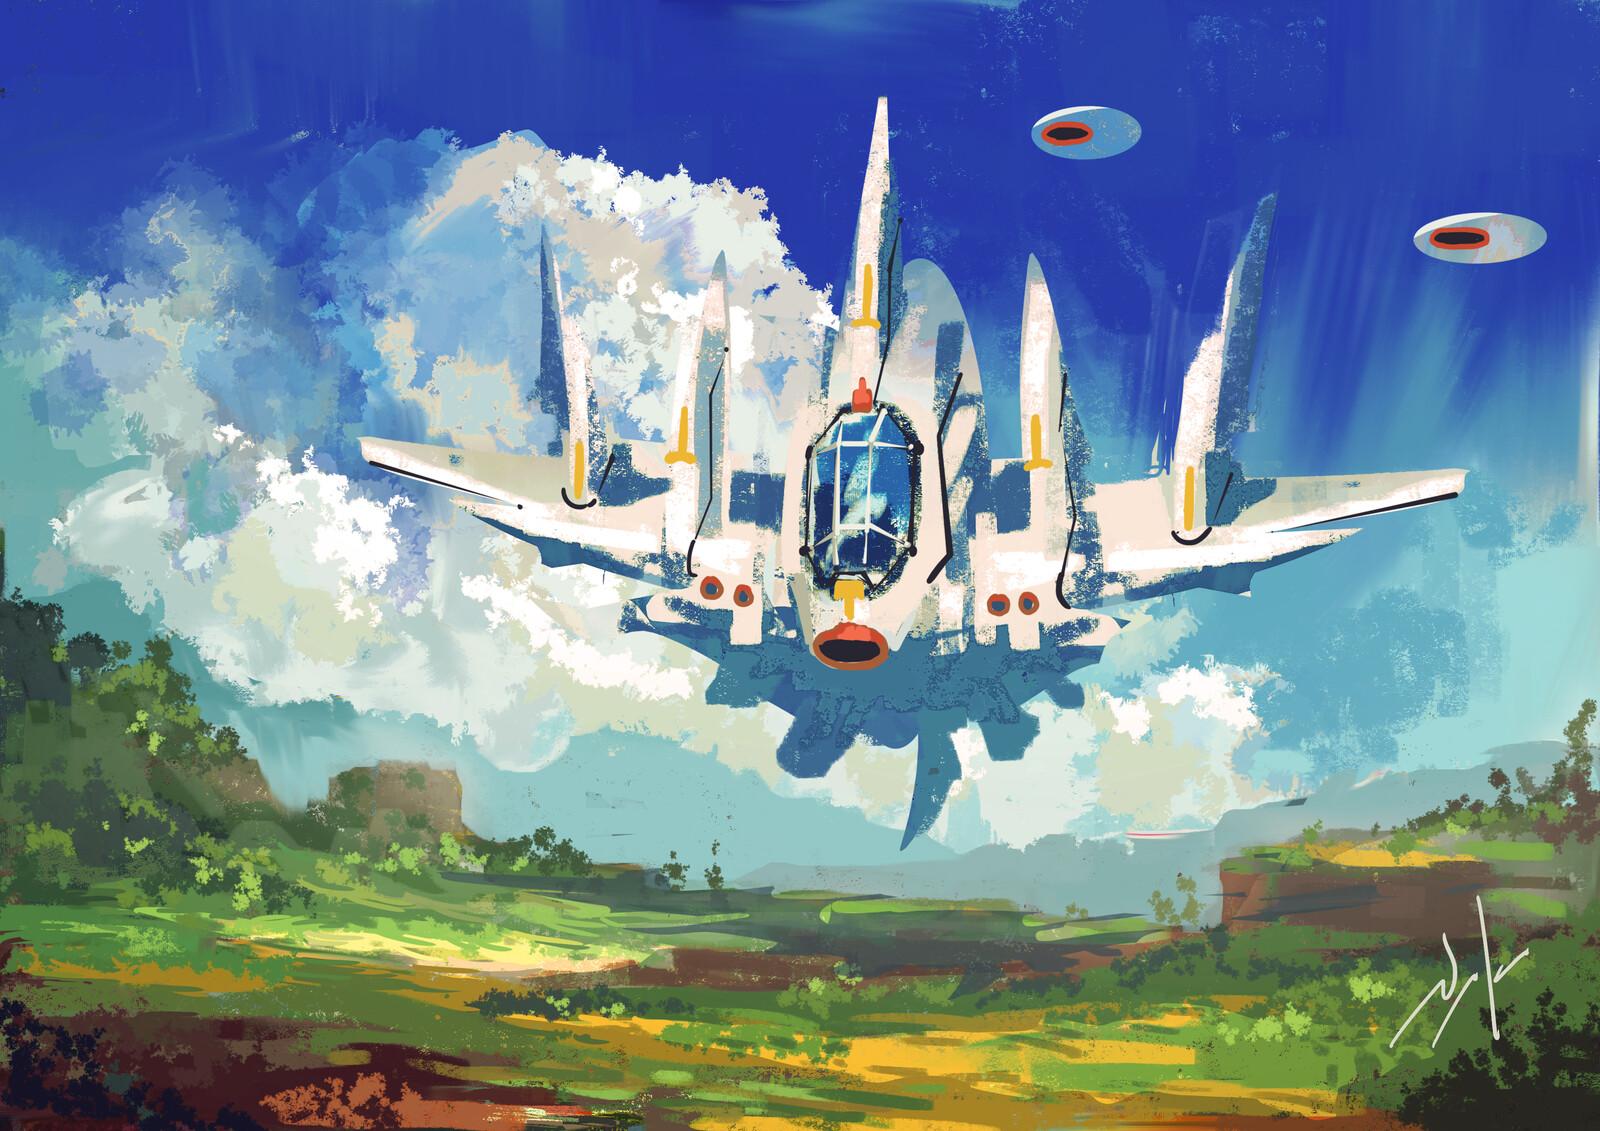 Spaceship too